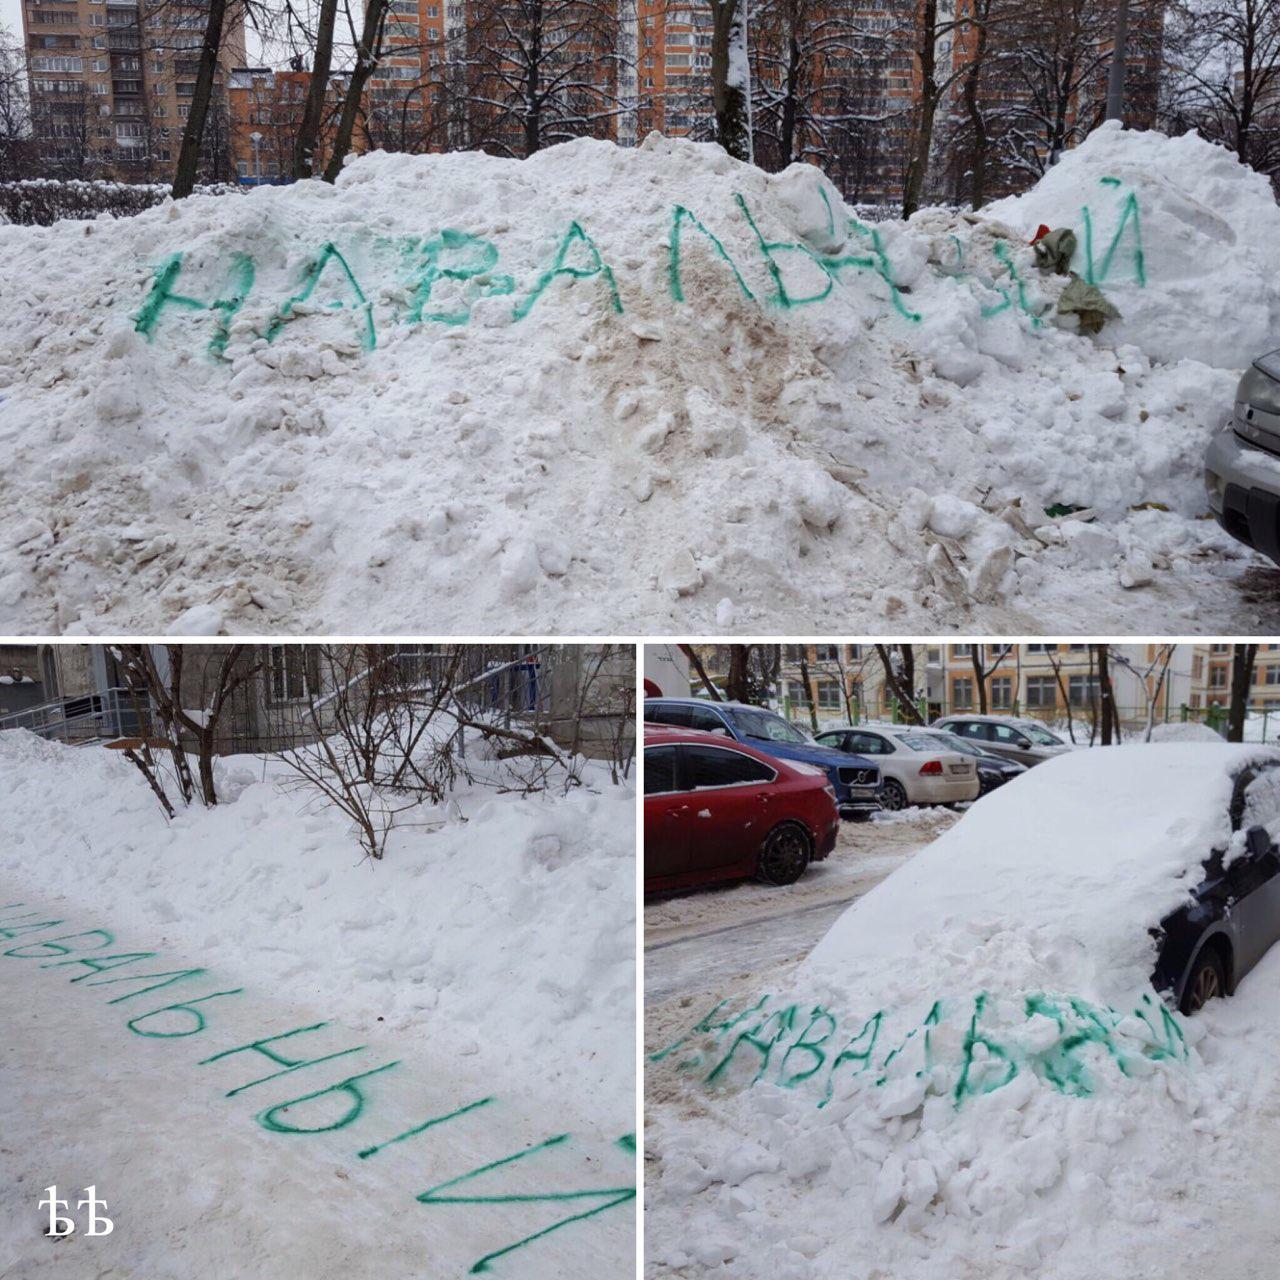 """На сугробах в московском дворе написали краской """"Навальный"""", чтобы их убрали. И это сработало!"""